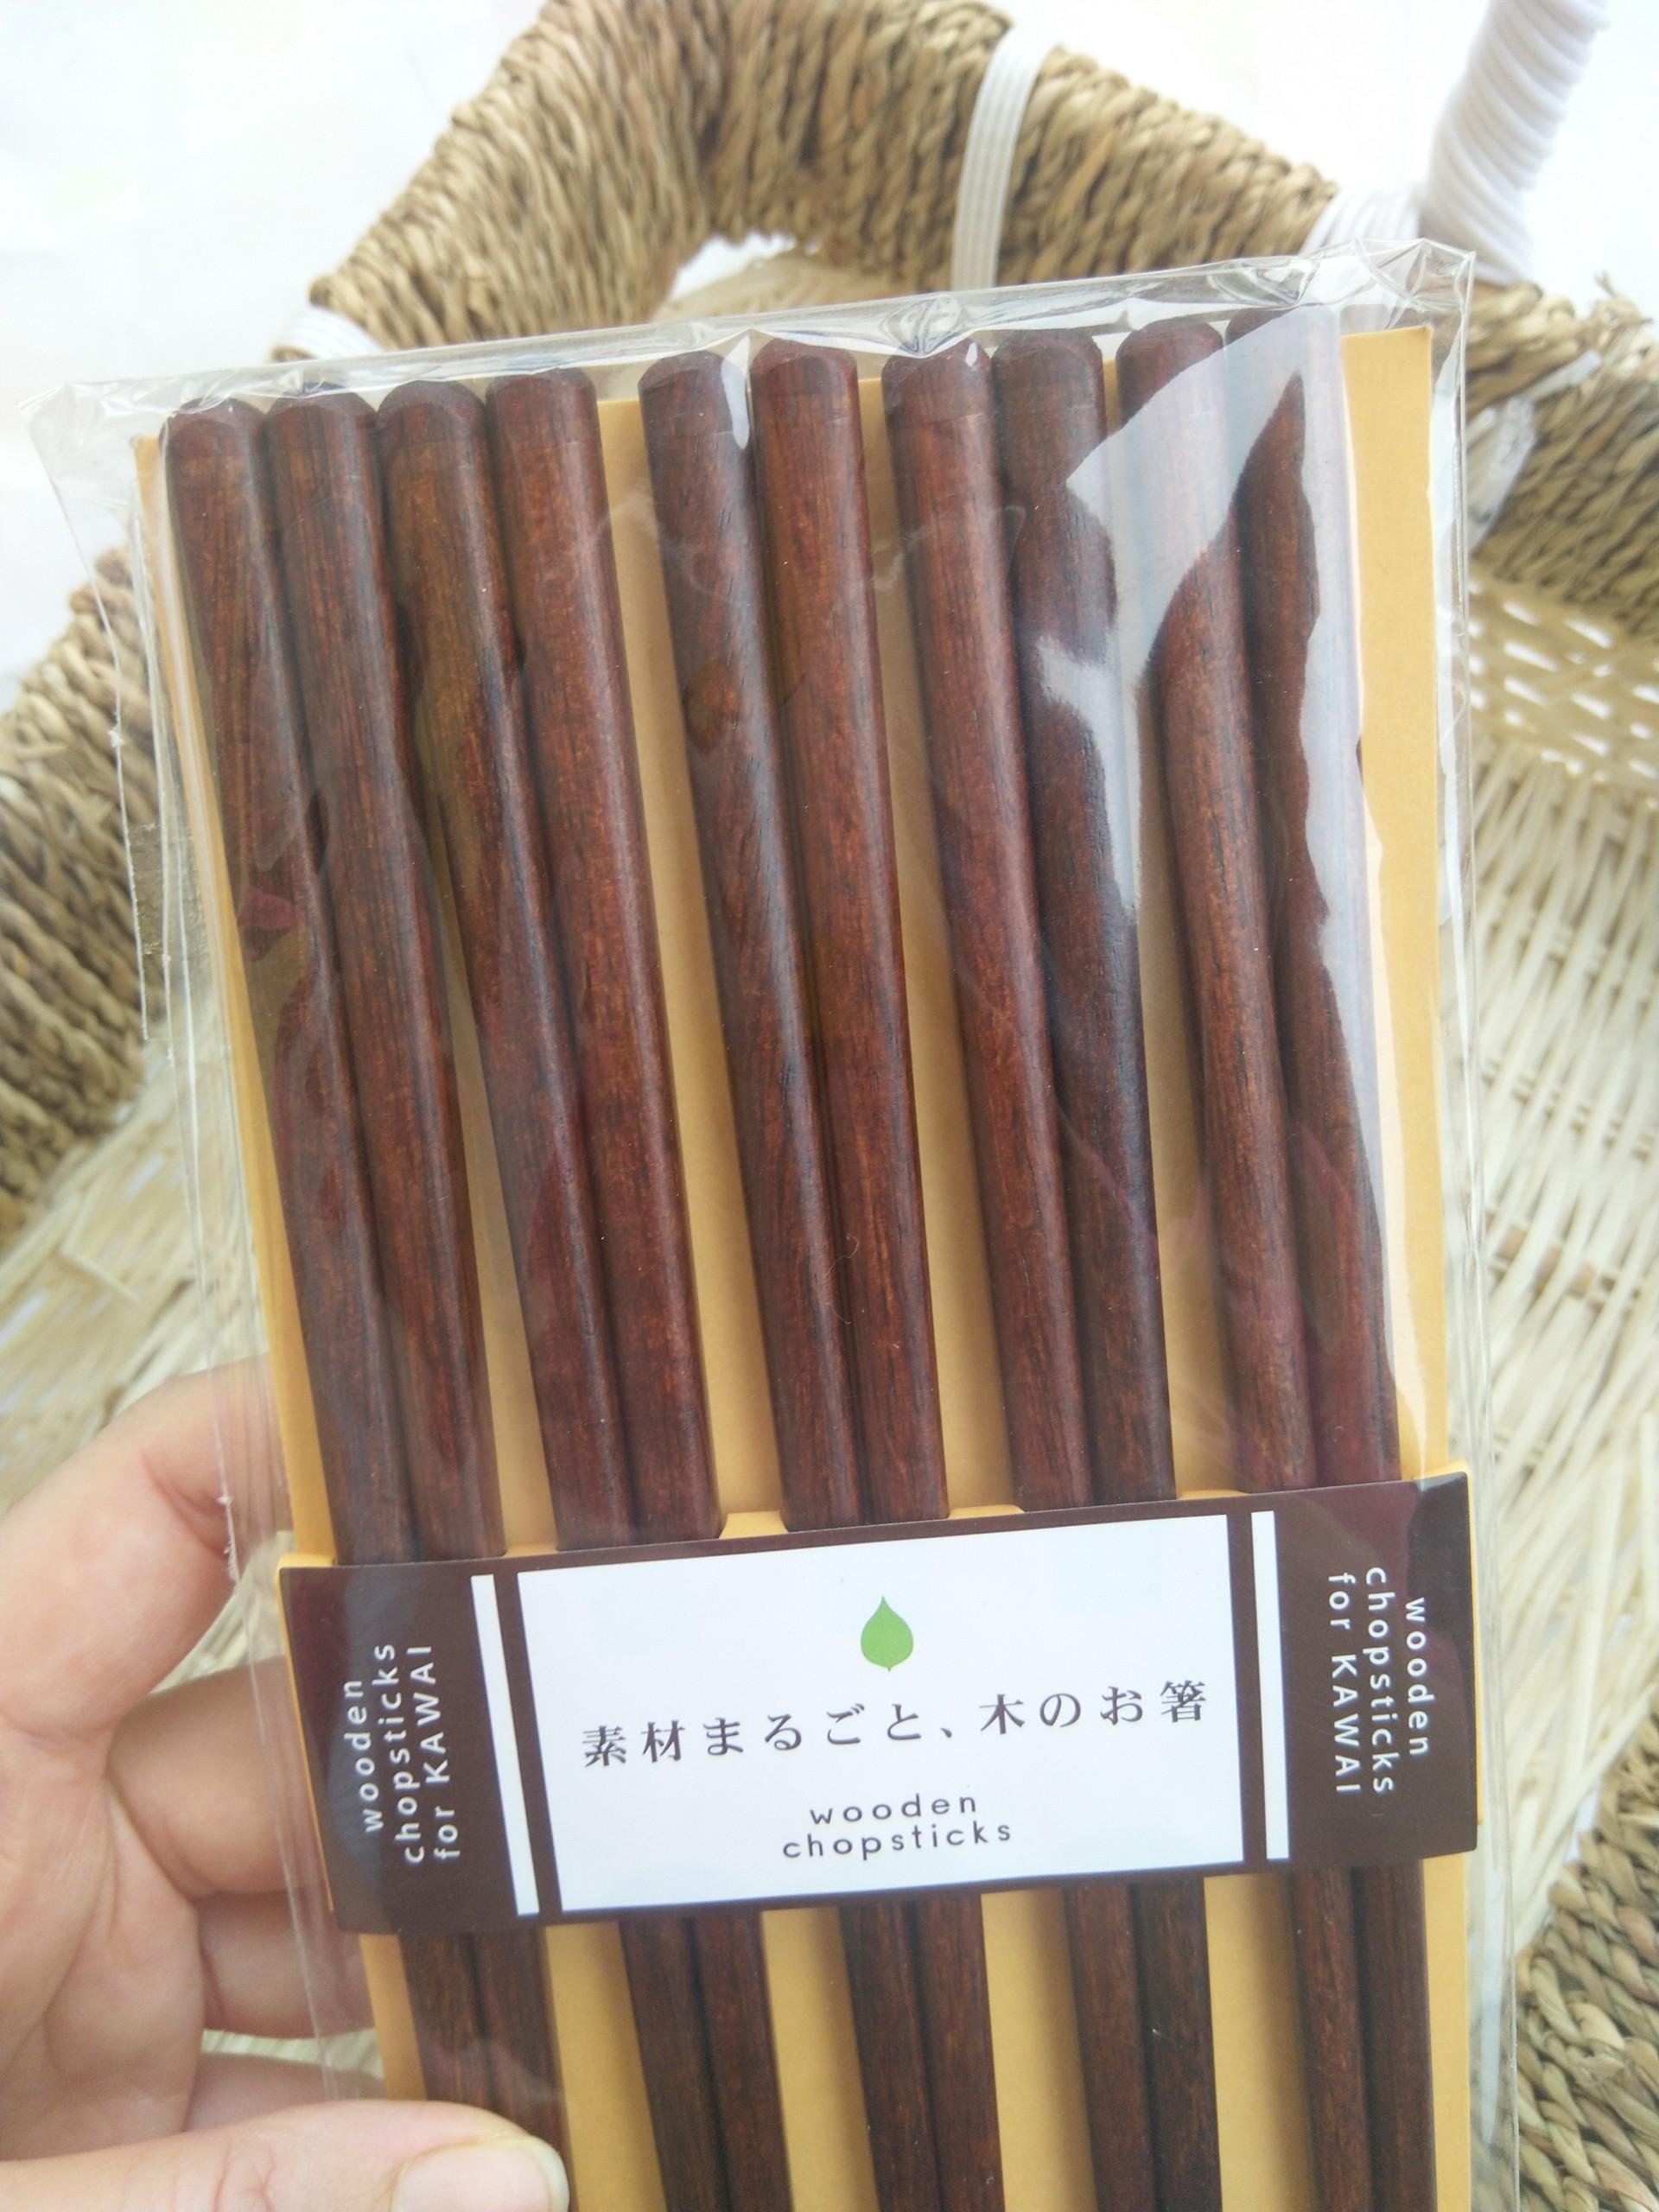 Bộ 5 đôi đũa gỗ cao cấp sang trọng màu nâu Nội địa Nhật Bản